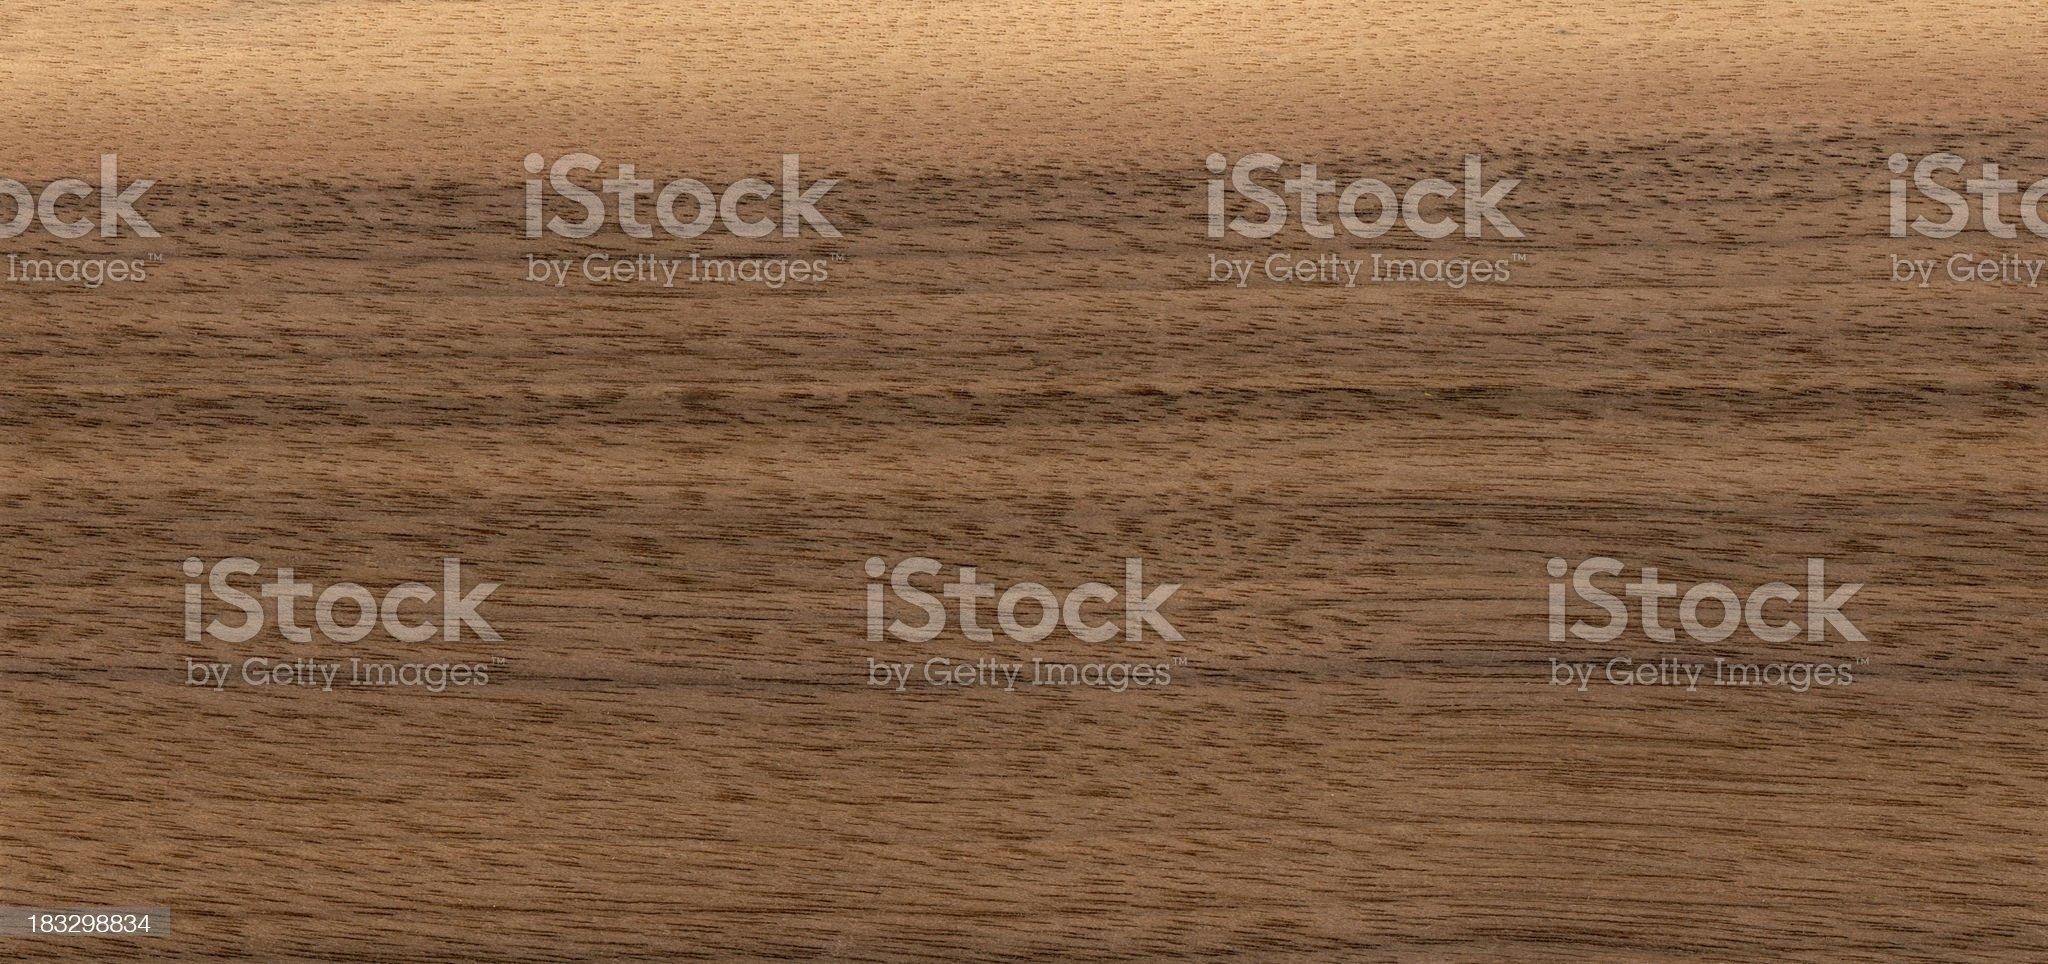 walnut texture royalty-free stock photo